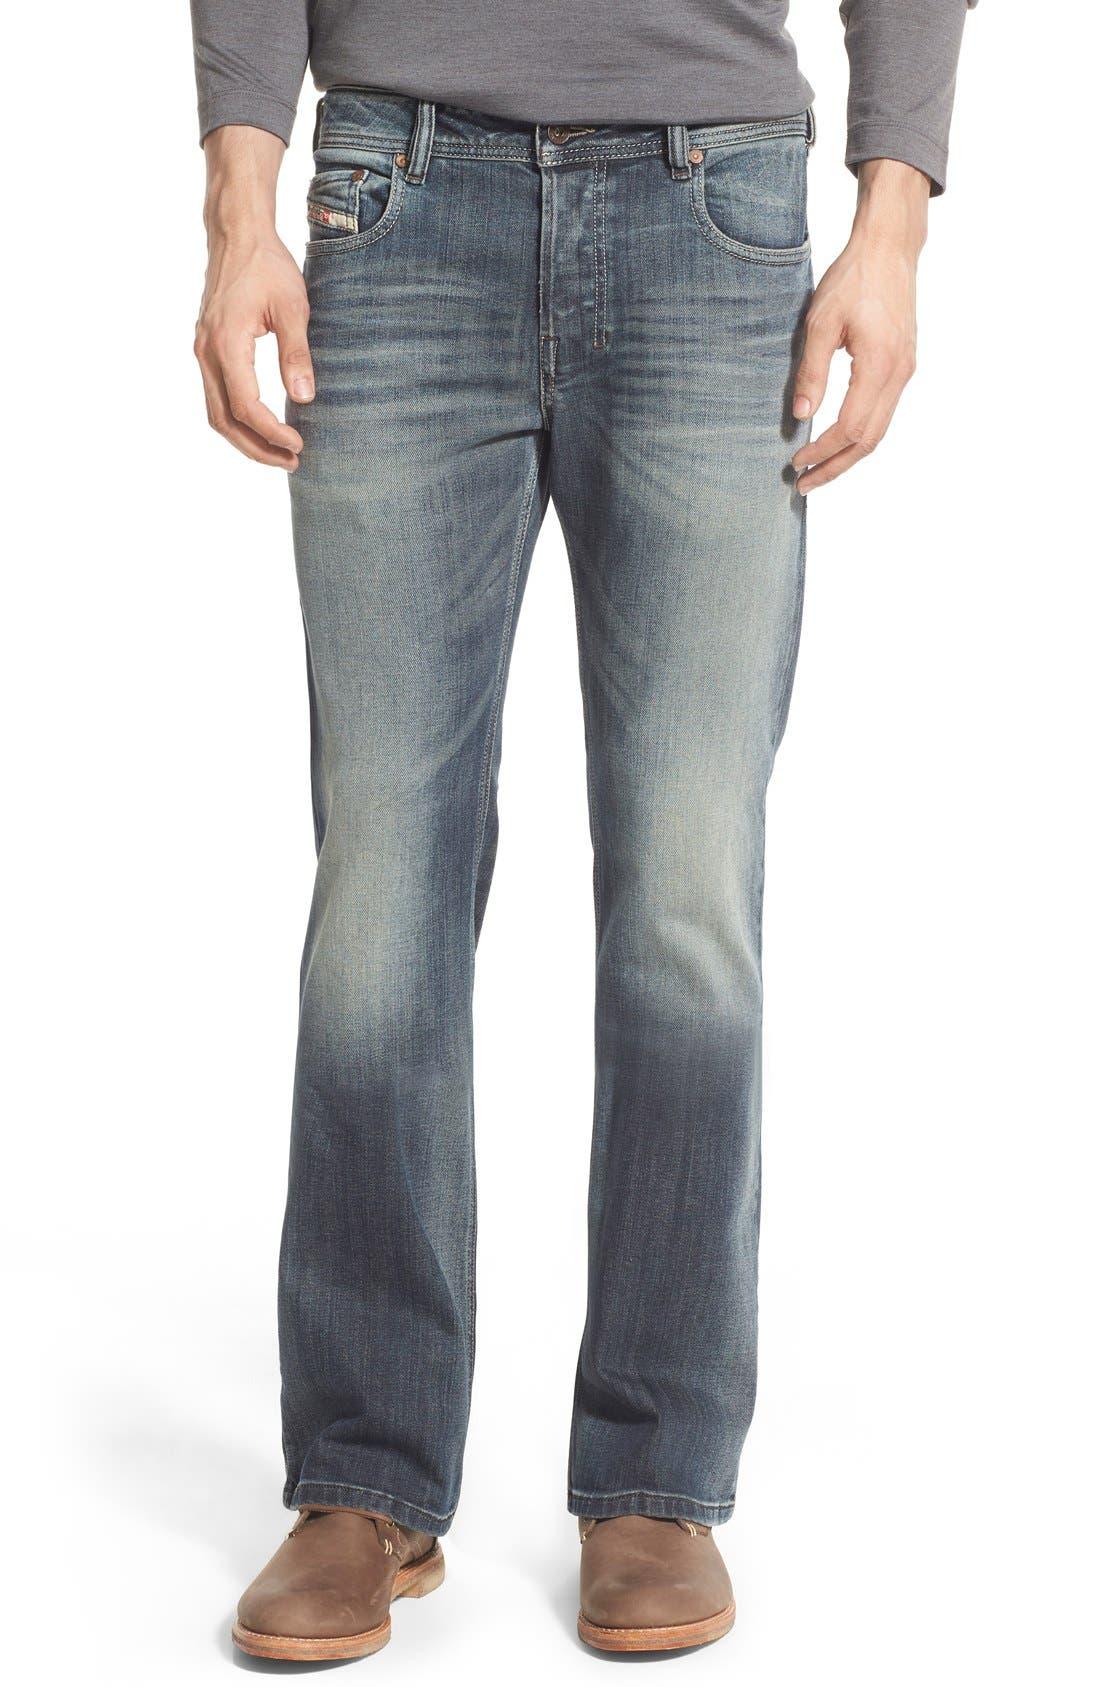 Alternate Image 1 Selected - DIESEL® 'Zathan' Bootcut Jeans (885K)